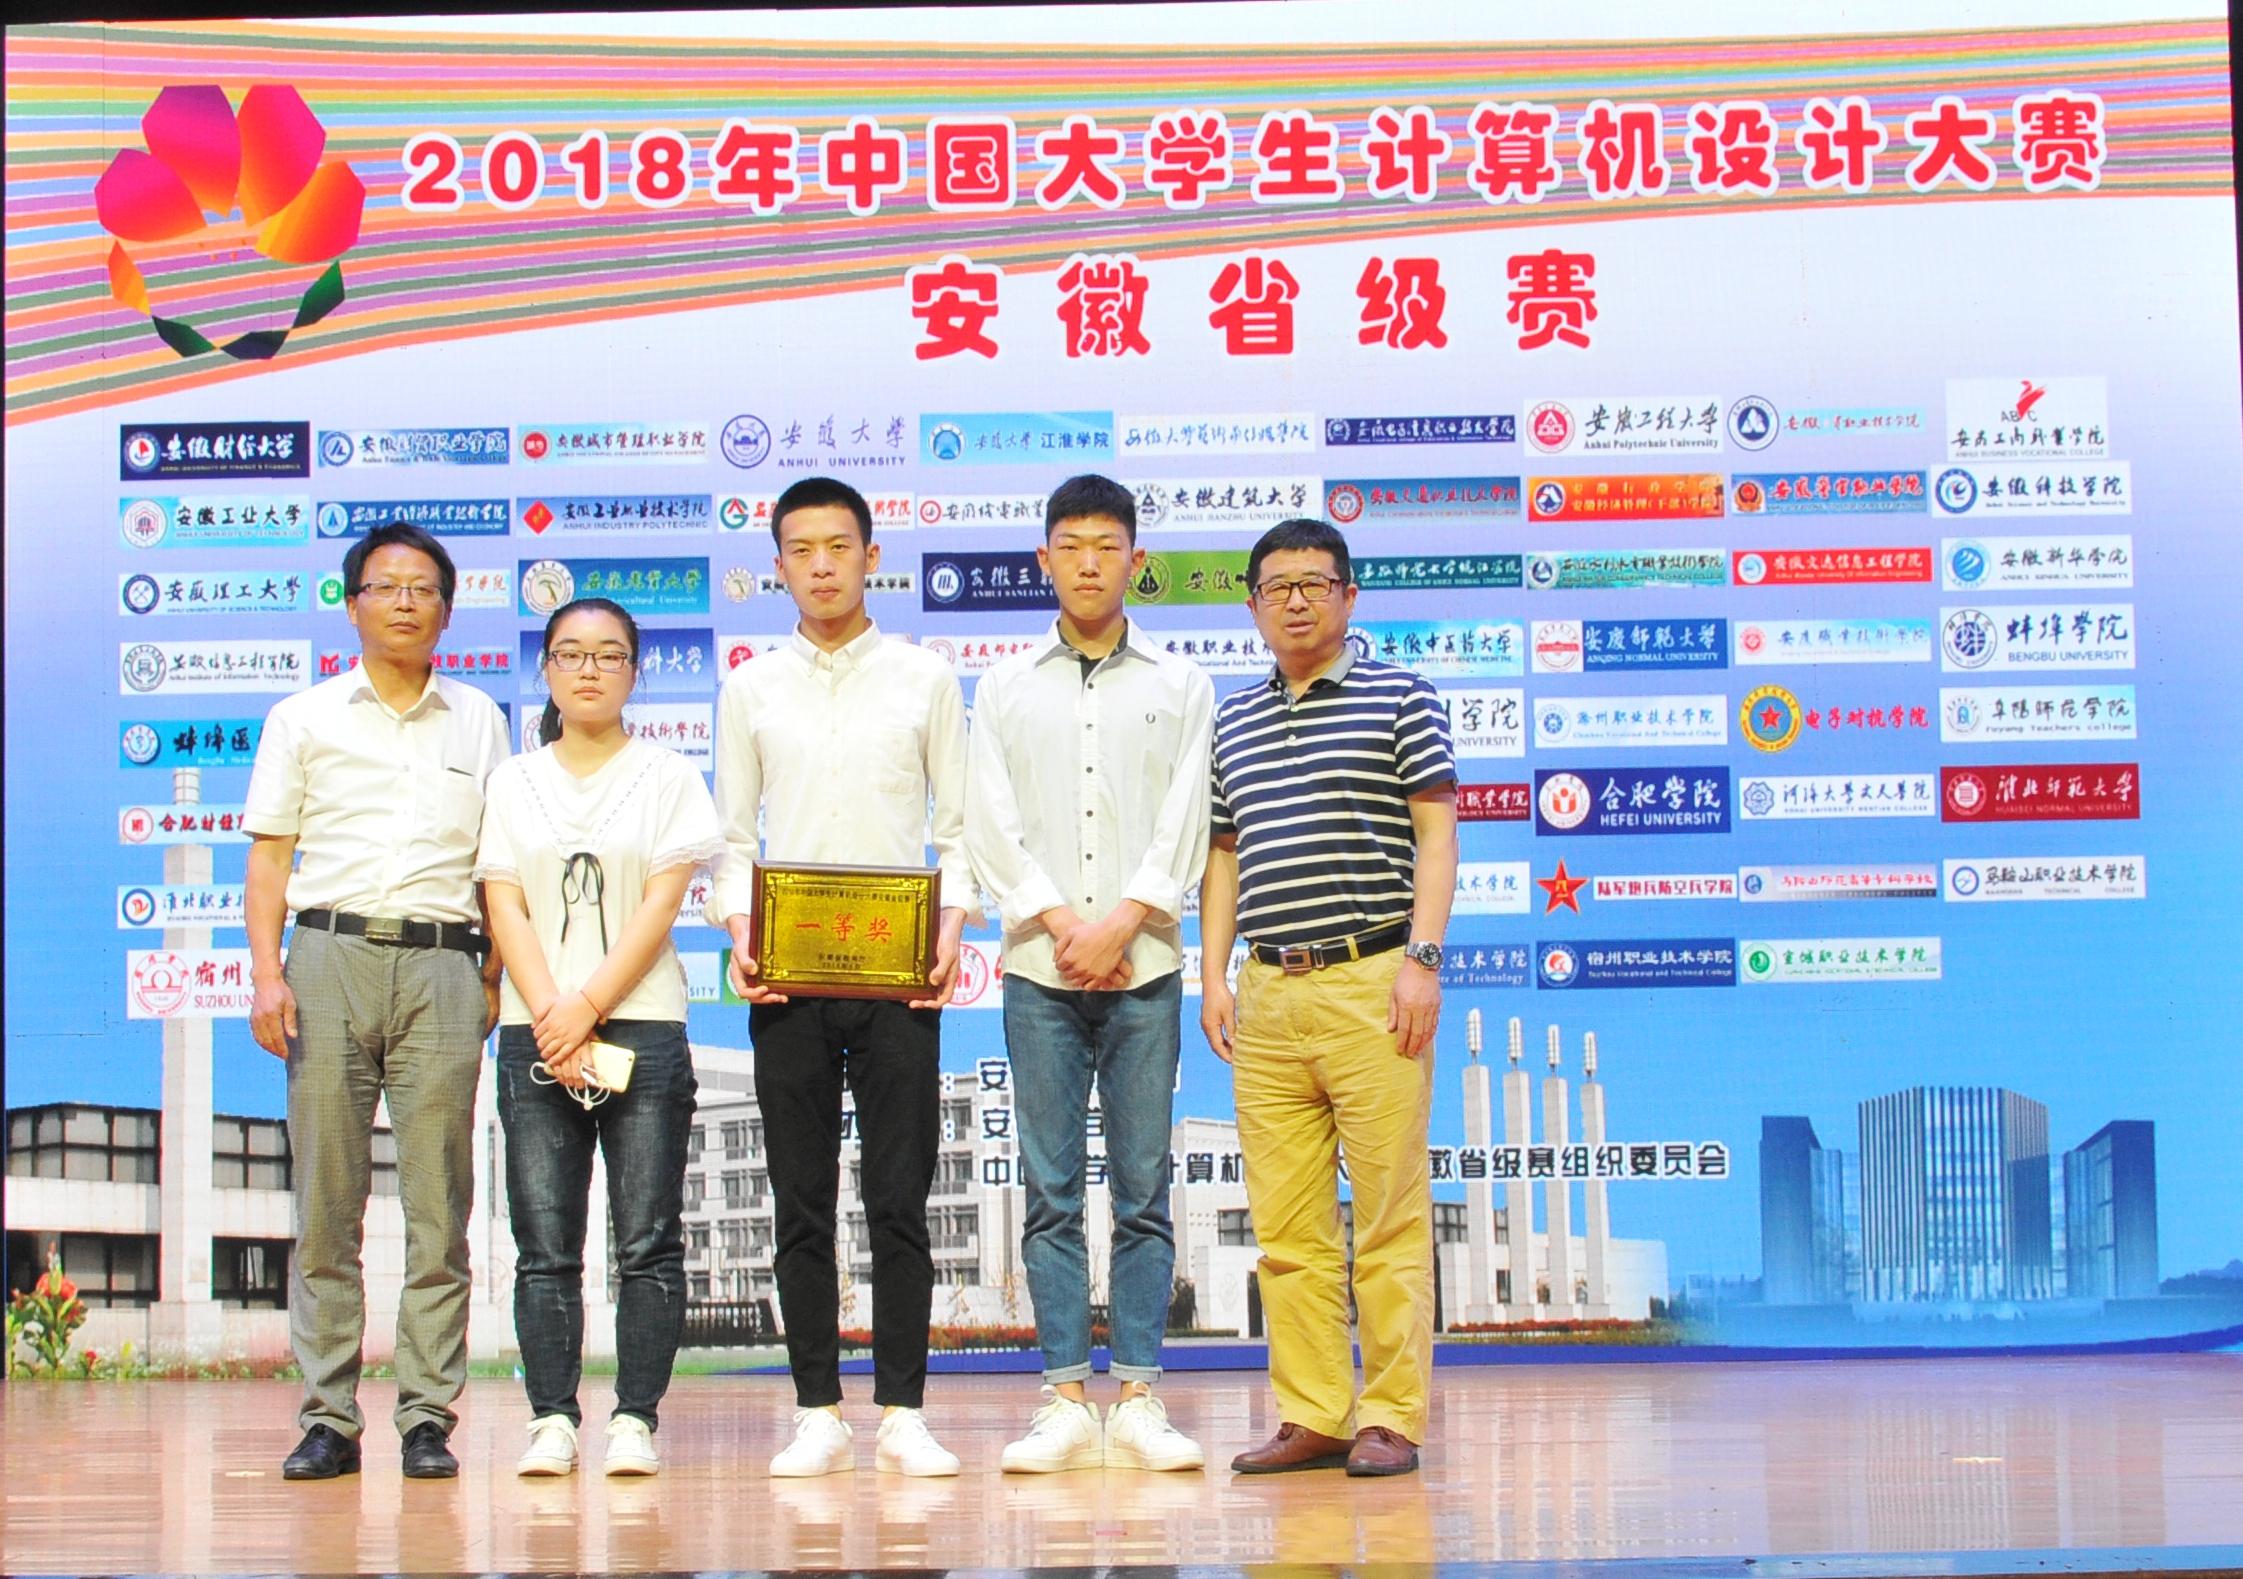 学院学子在2018年中国大学生计算机设计大赛安徽省级赛中喜获佳绩